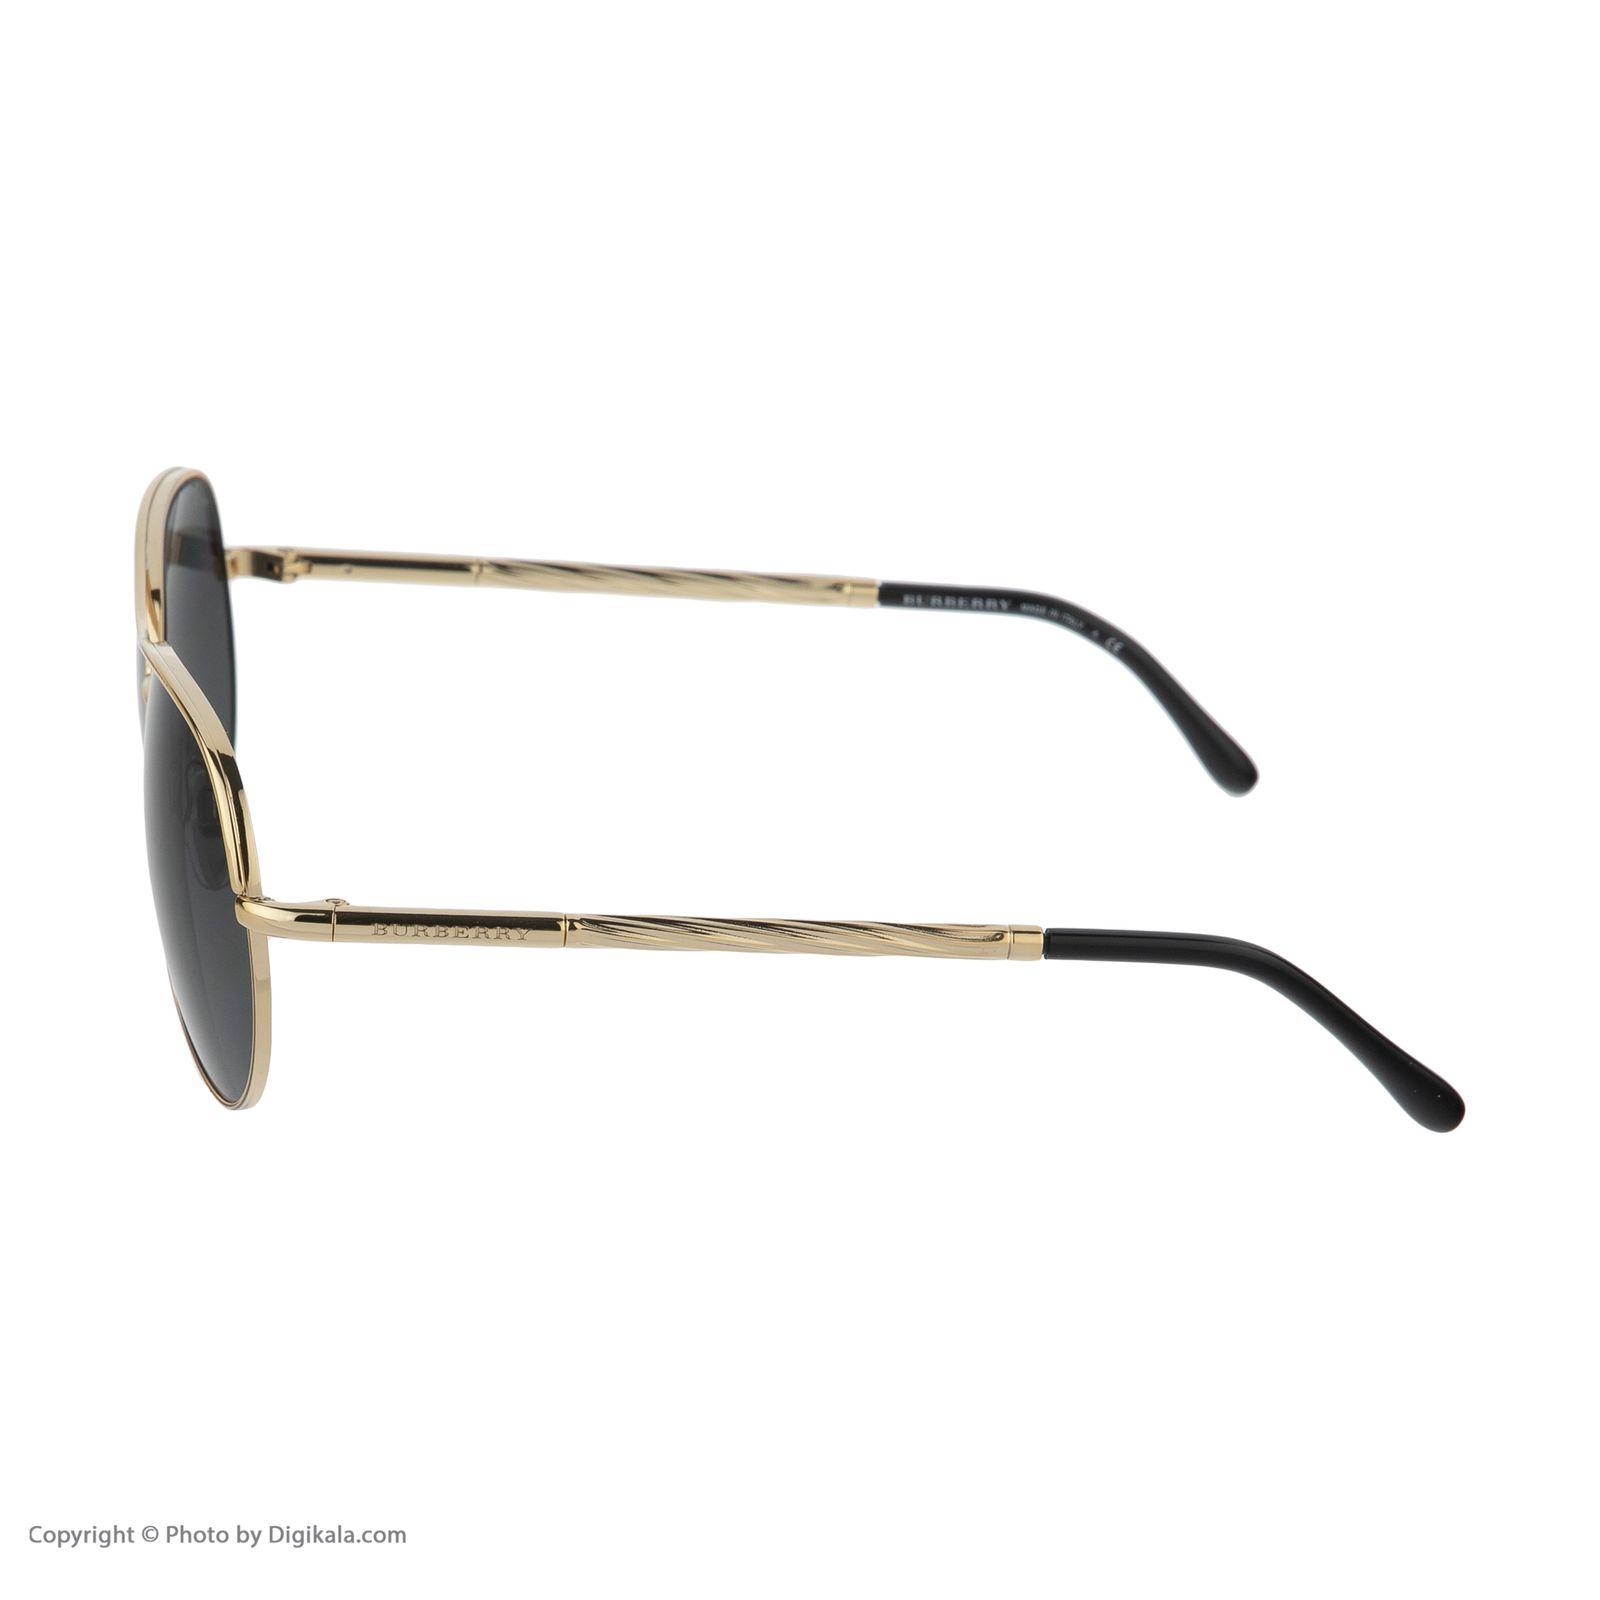 عینک آفتابی زنانه بربری مدل BE 3082S 121087 57 -  - 6